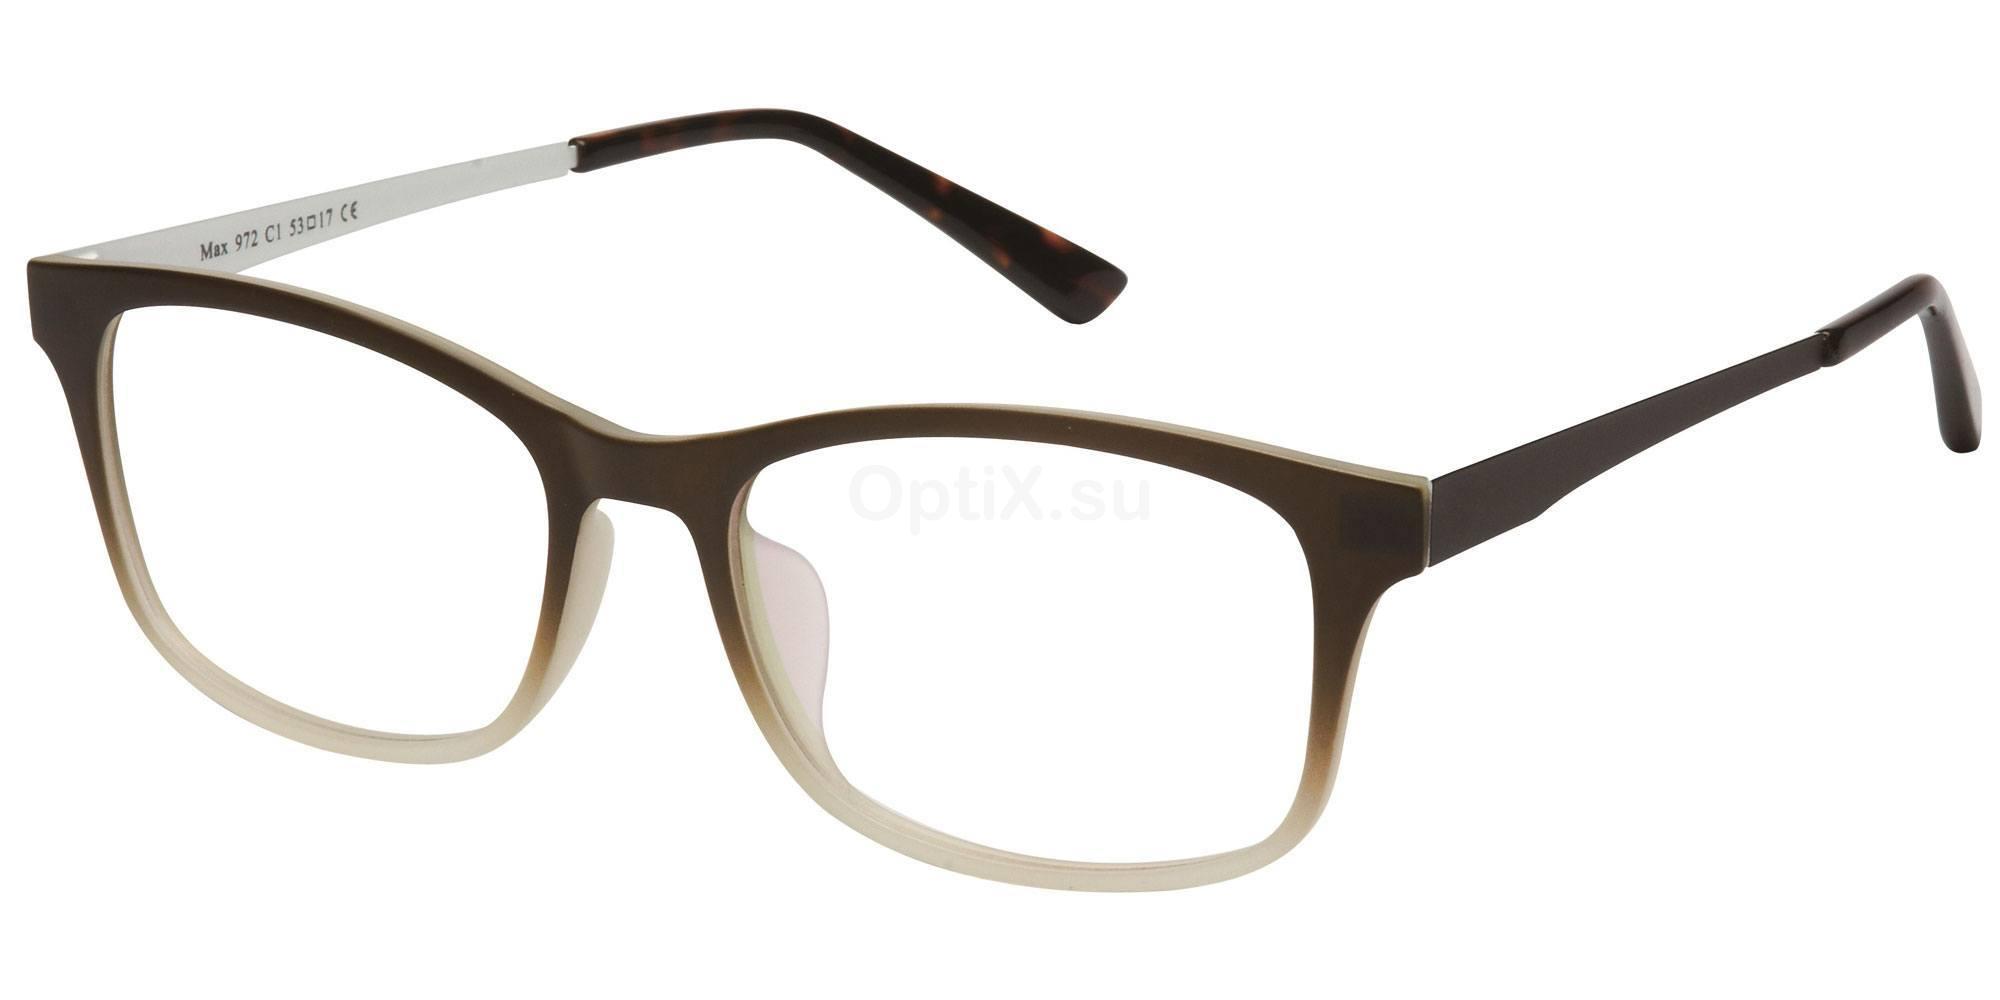 C1 M972 , Max Eyewear